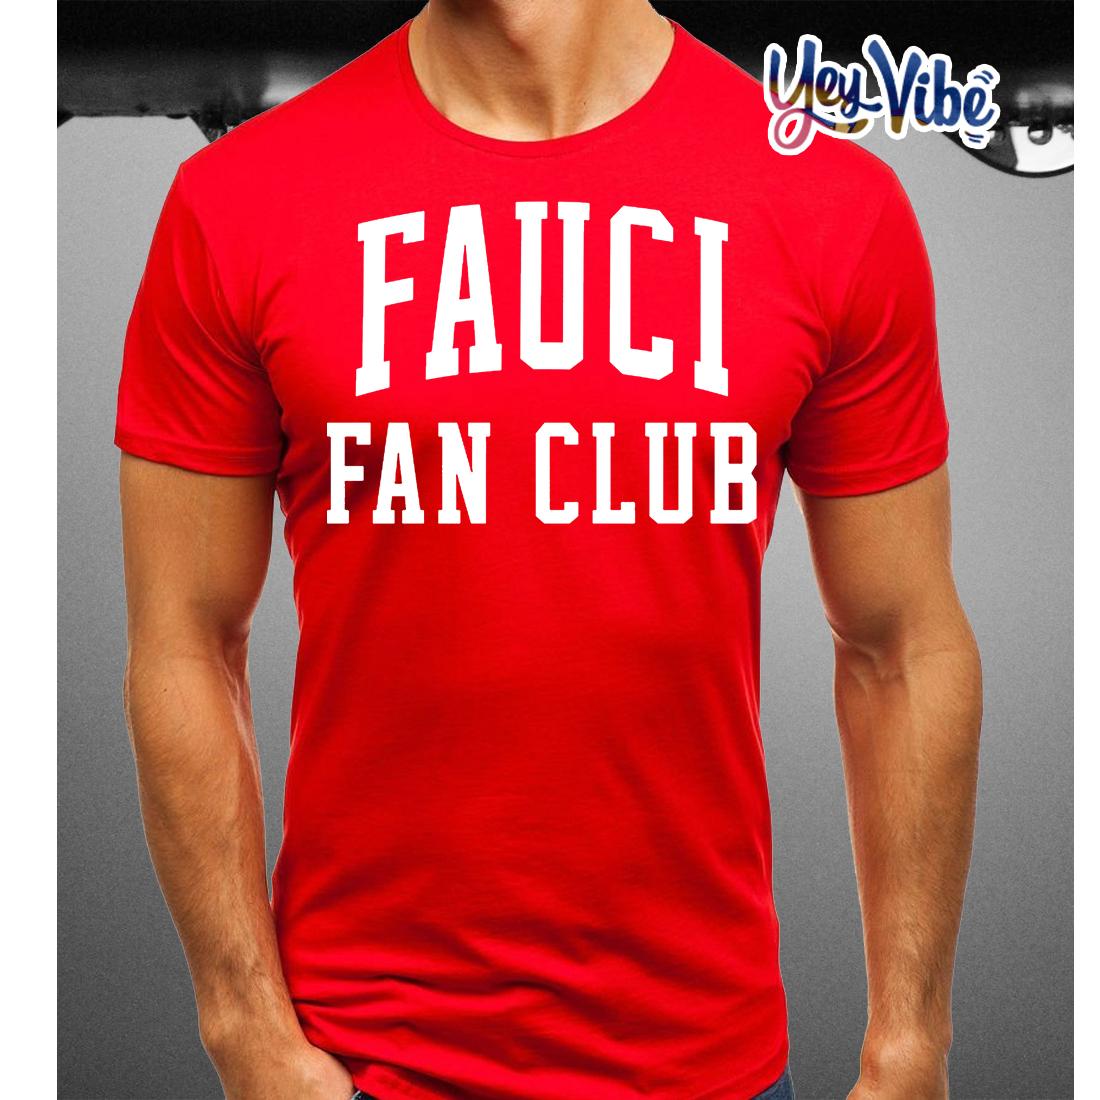 Fauci Fan Club Shirt